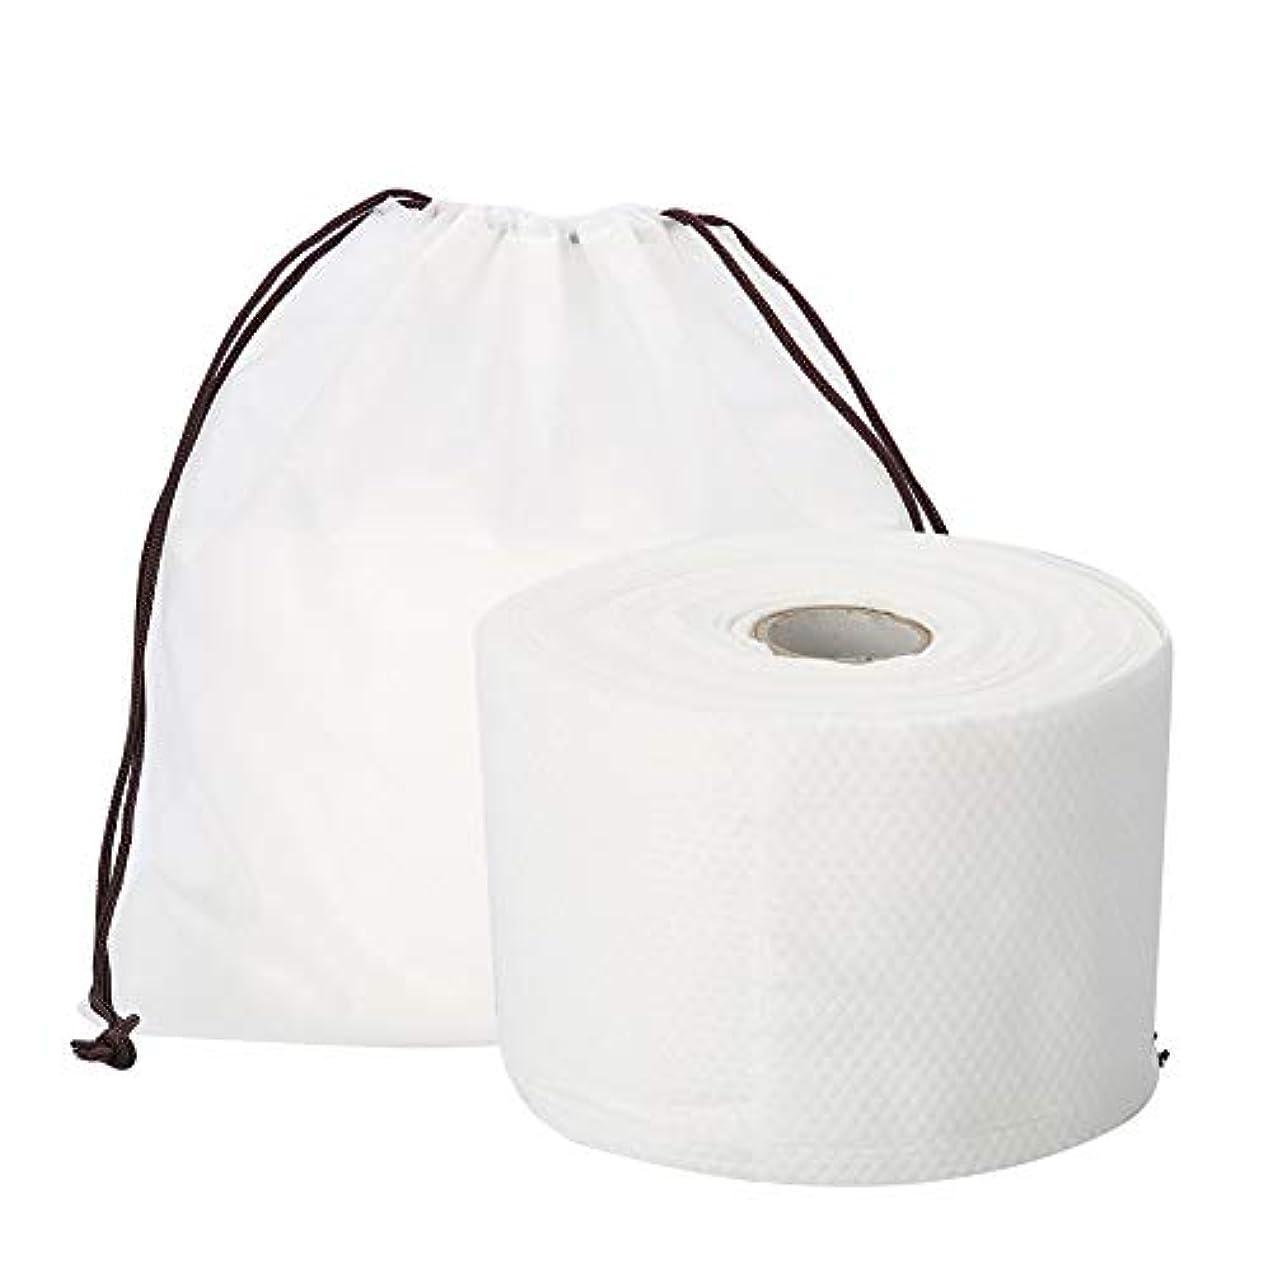 昼寝毎月騒々しいSemmeの使い捨て可能なクリーニングのフェイスタオル、毛羽立ちのない綿パッドの構造使い捨て可能なフェイスタオルの柔らかいNonwovenのクリーニングの化粧品の綿パッド25m